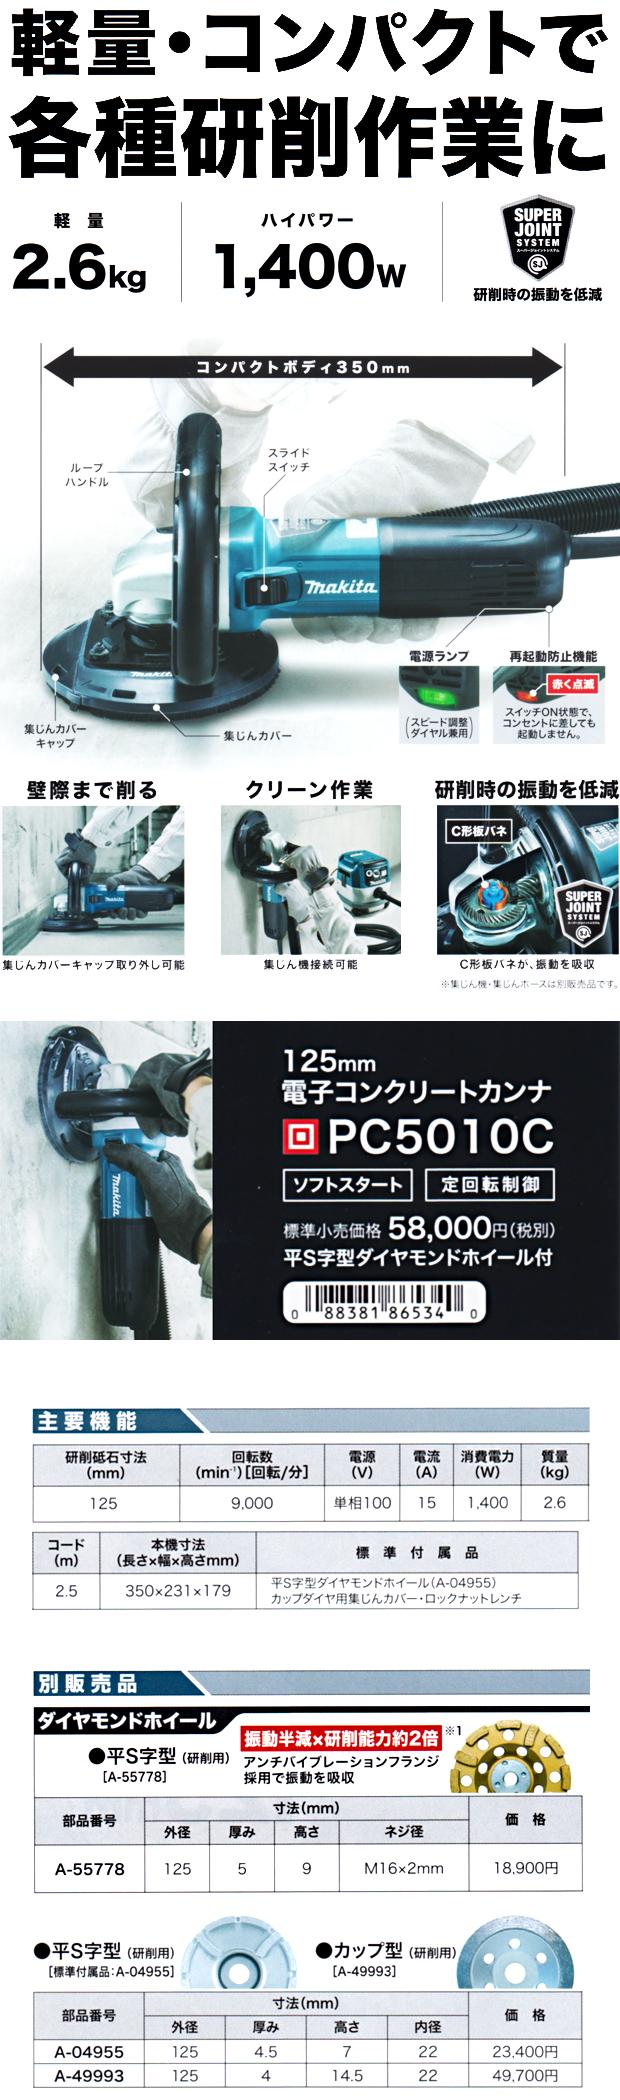 マキタ 125mm 電子コンクリートカンナ PC5010C